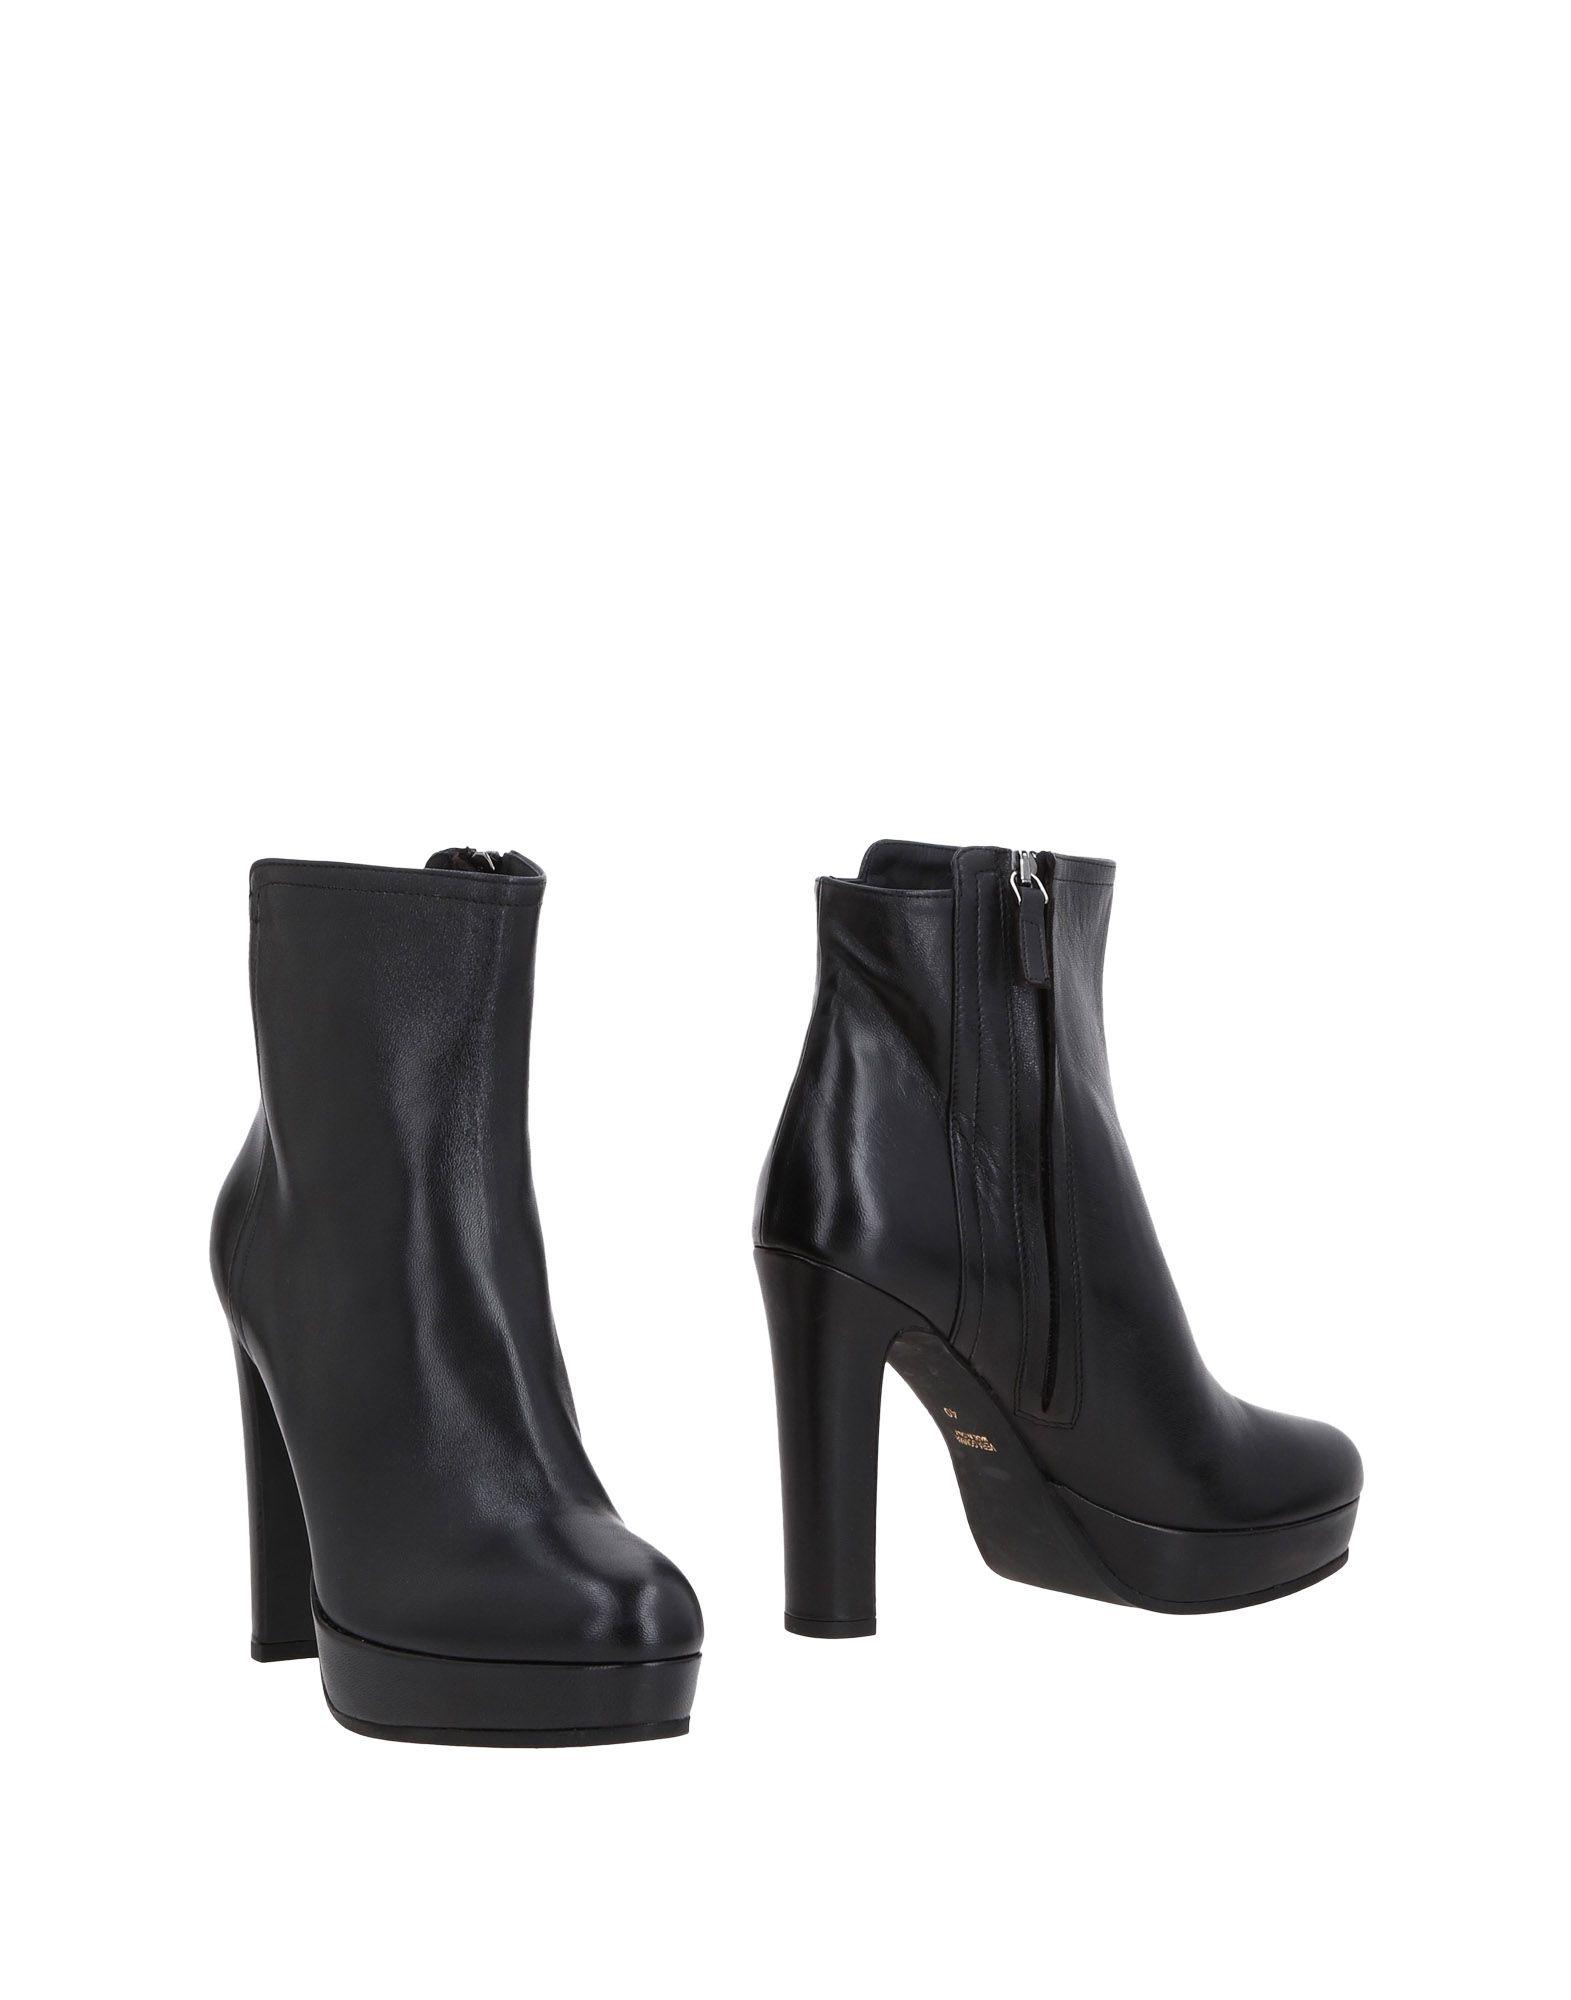 Gut um Bonnet billige Schuhe zu tragenNicole Bonnet um Paris Stiefelette Damen  11467416GV 354096